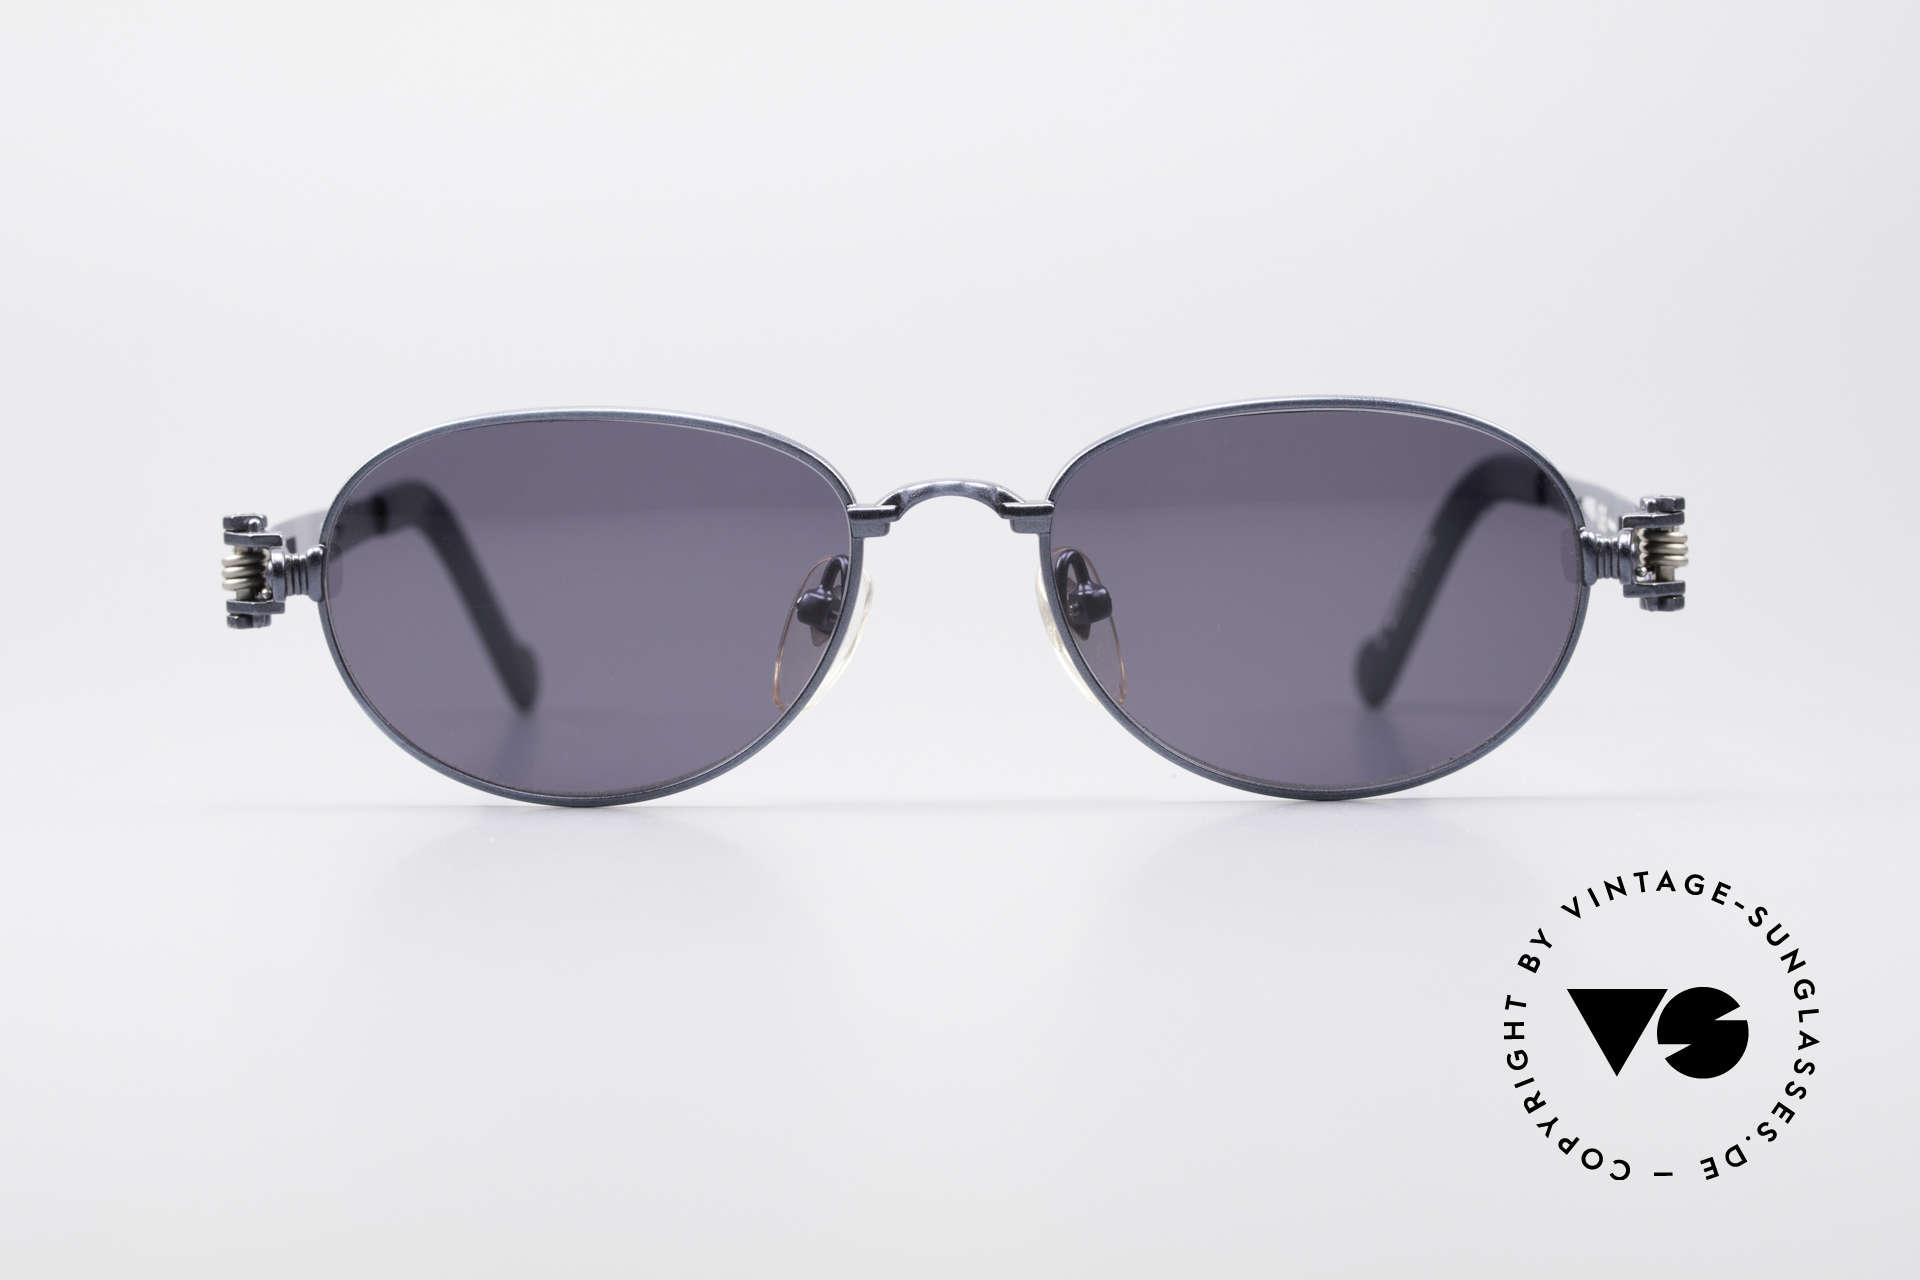 e241d803b12 Sunglasses Jean Paul Gaultier 56-8102 Oval Industrial Sunglasses ...